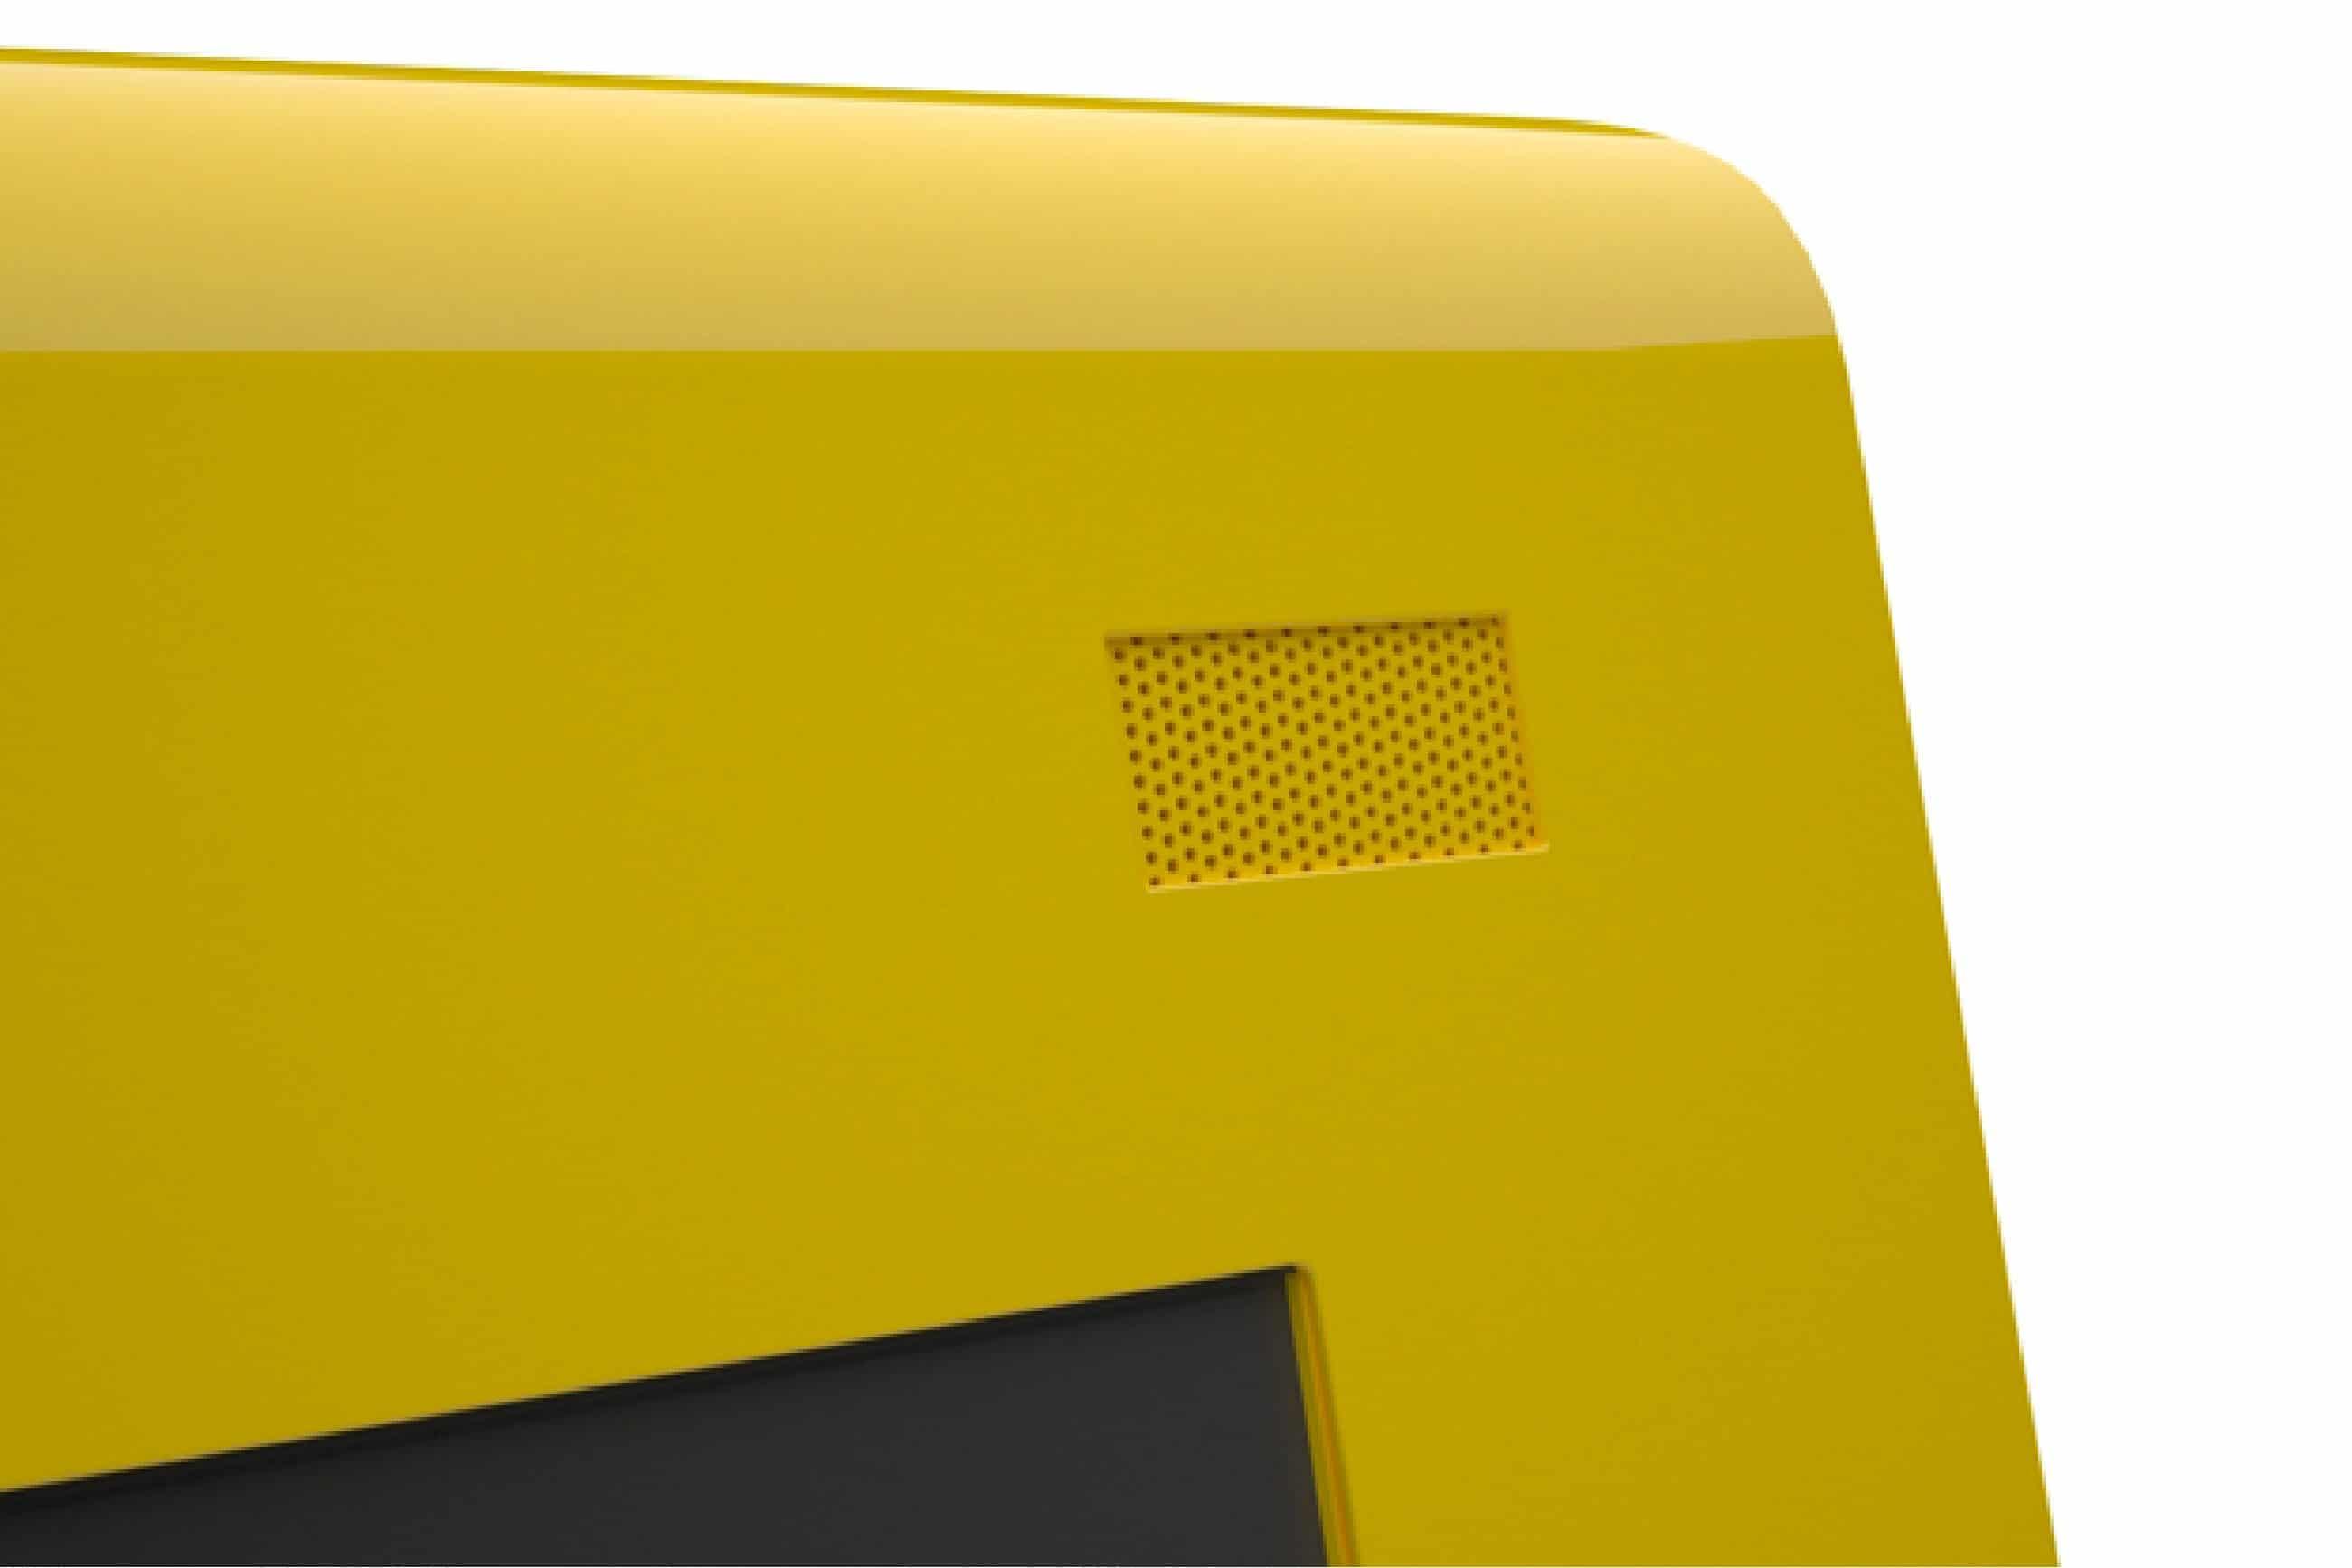 Olea Yellow